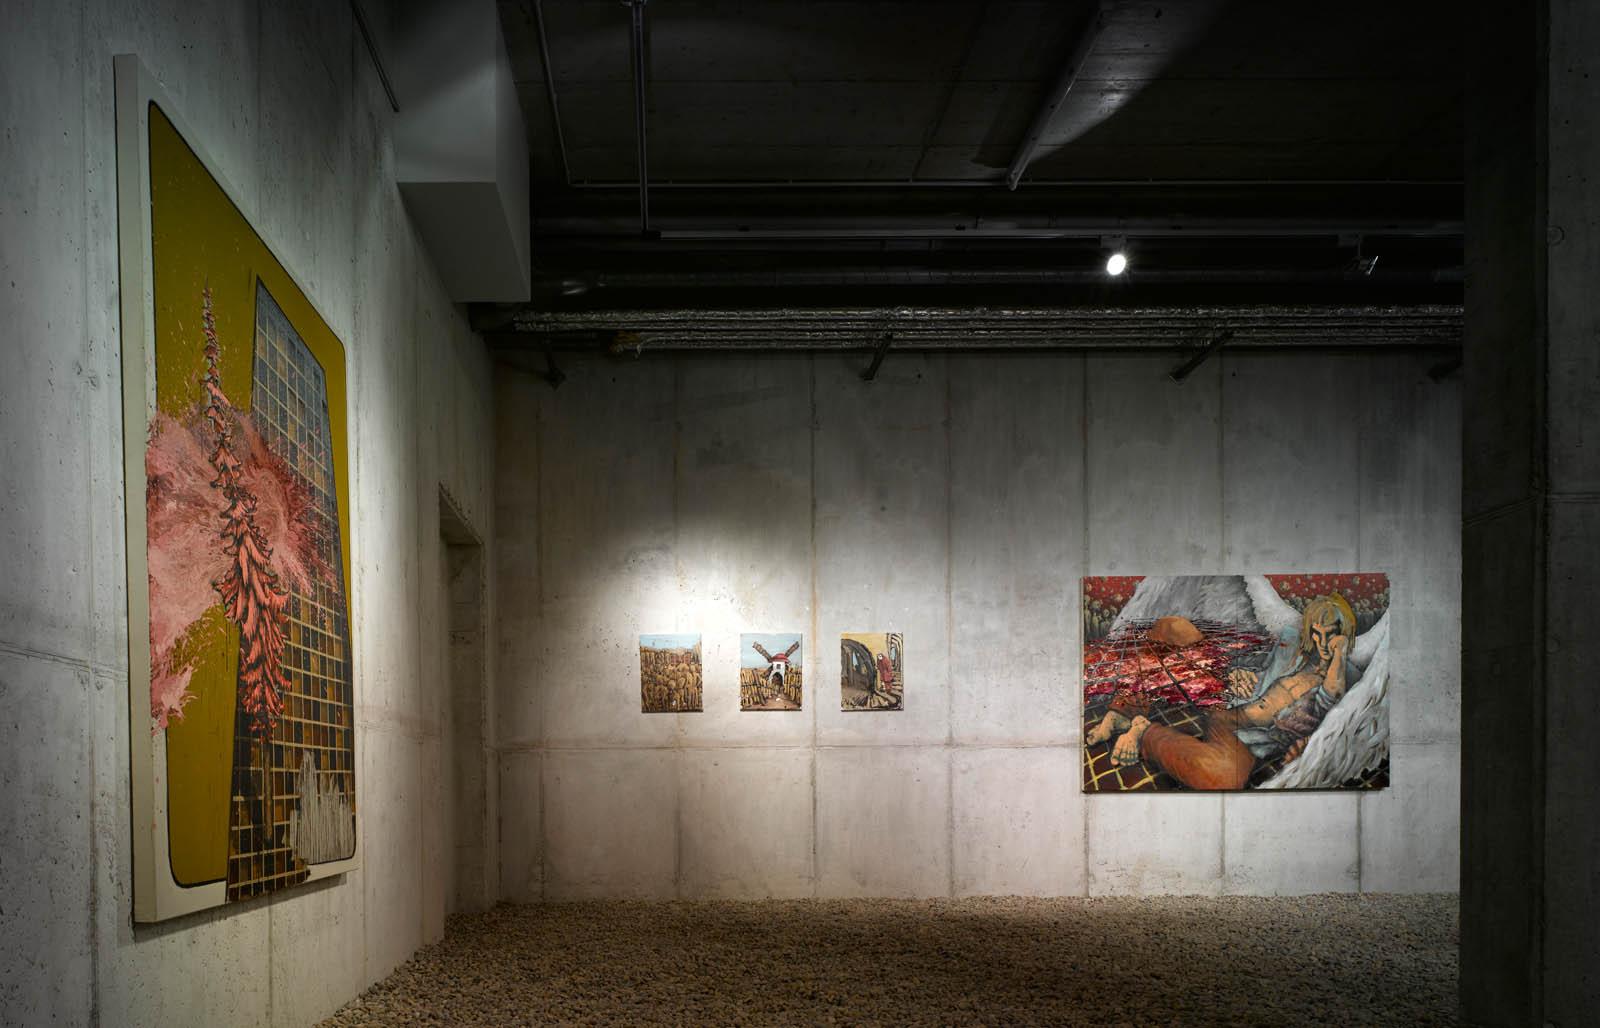 Timo Ausstellung 00049 - Timo Meyer: ein Künstler und seine Kunst